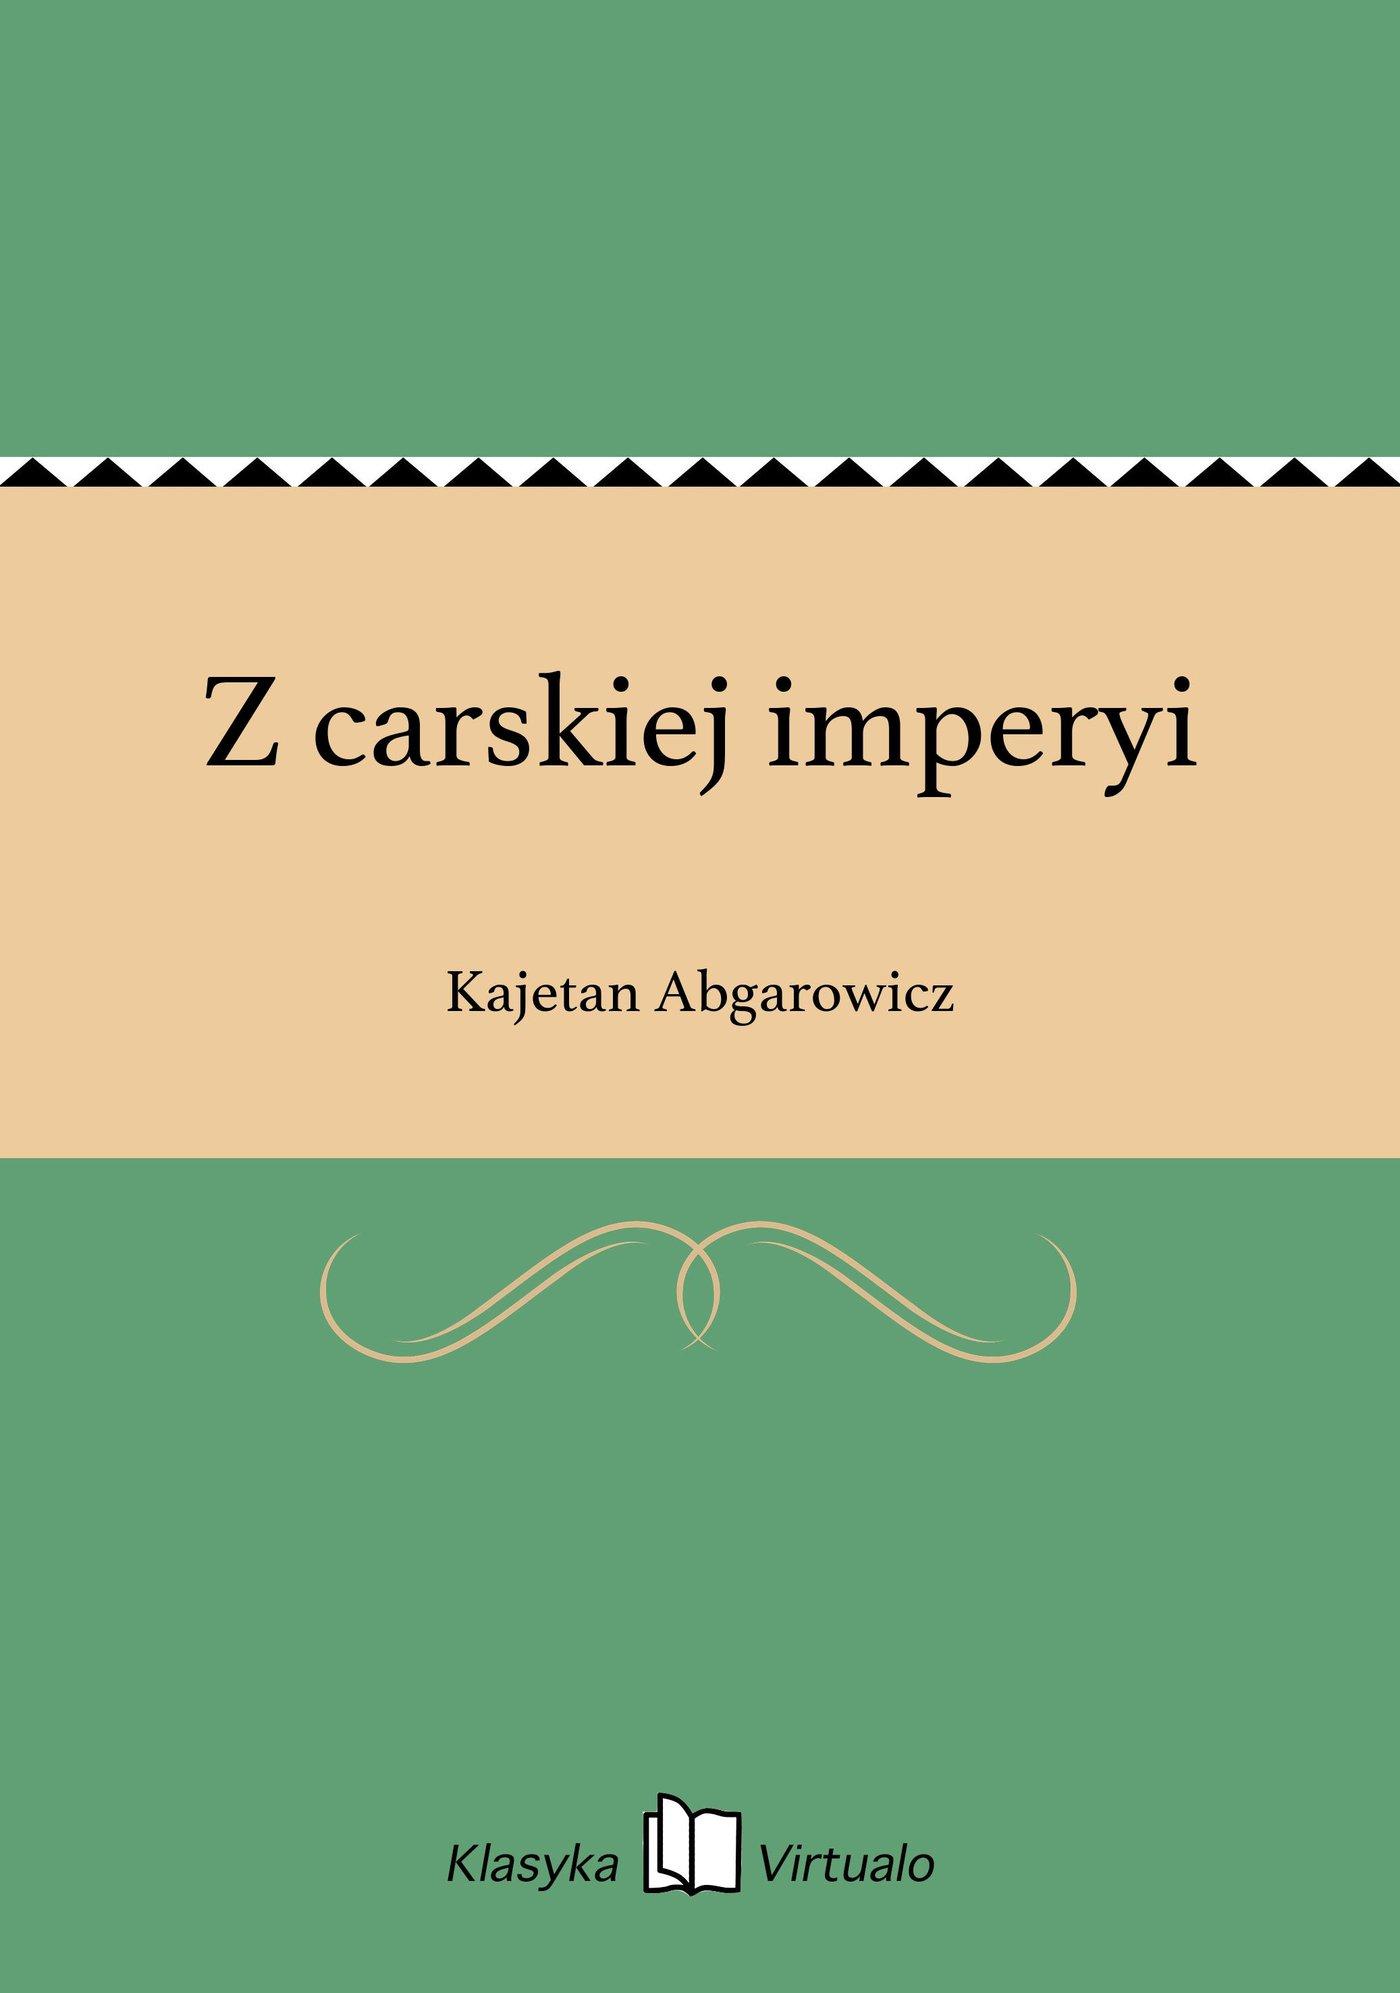 Z carskiej imperyi - Ebook (Książka EPUB) do pobrania w formacie EPUB